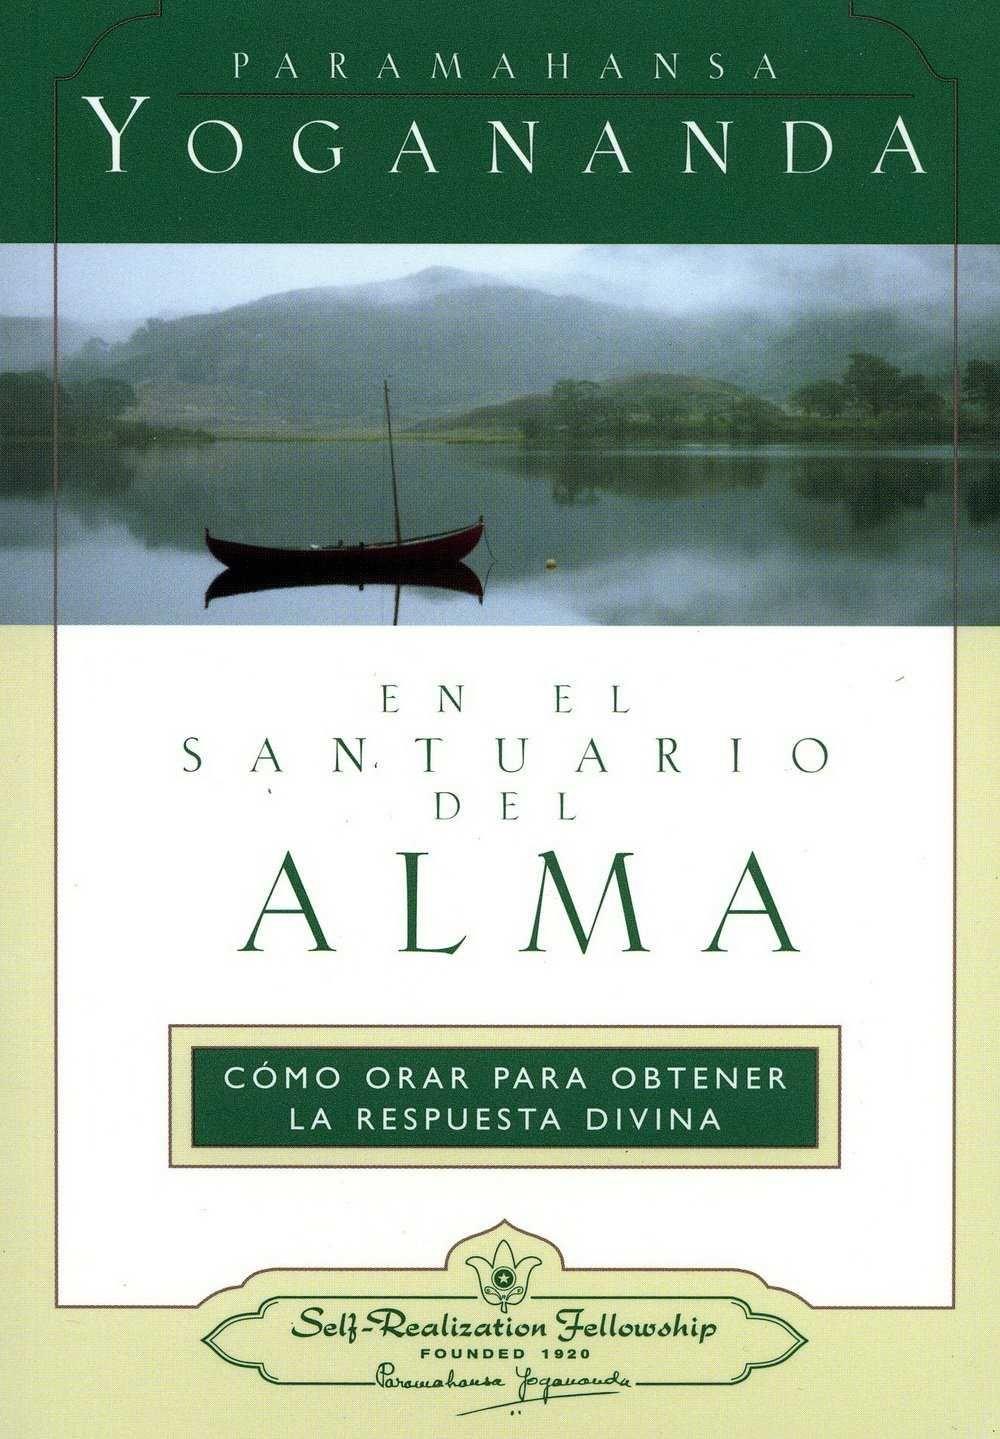 EN EL SANTUARIO DEL ALMA